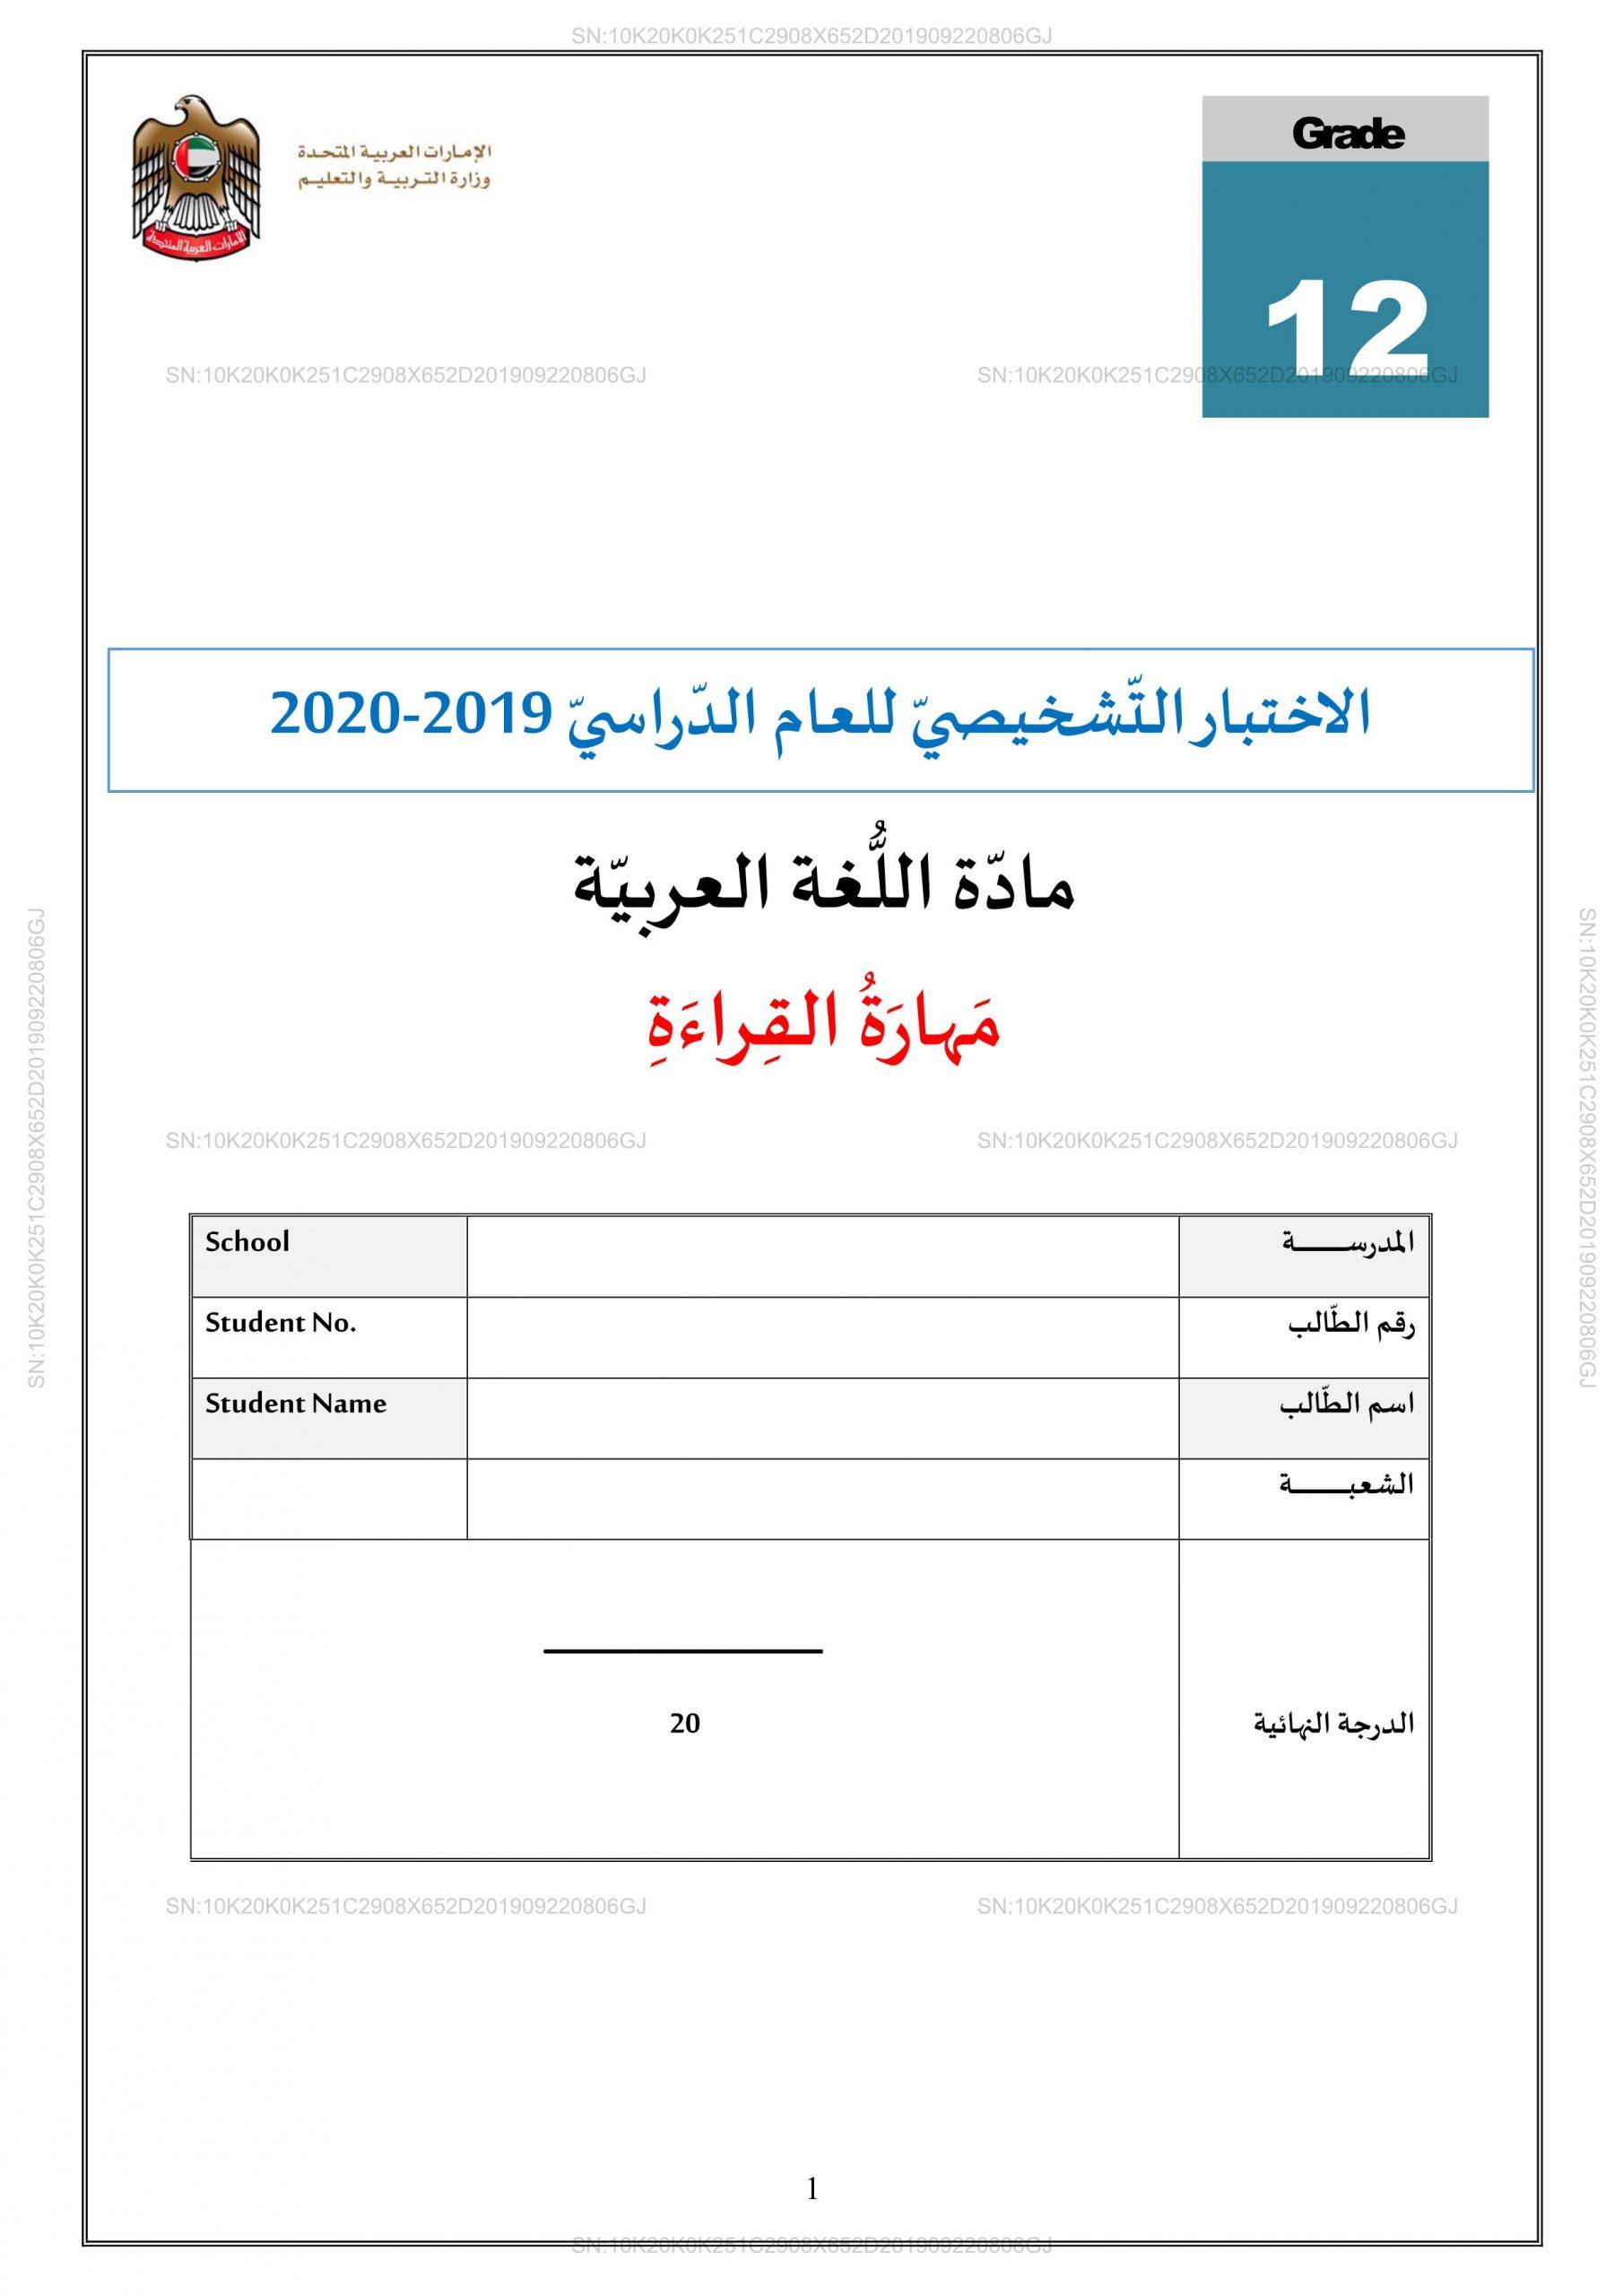 الاختبار التشخيصي مهارة القراءة للصف الثاني عشر مادة اللغة العربية